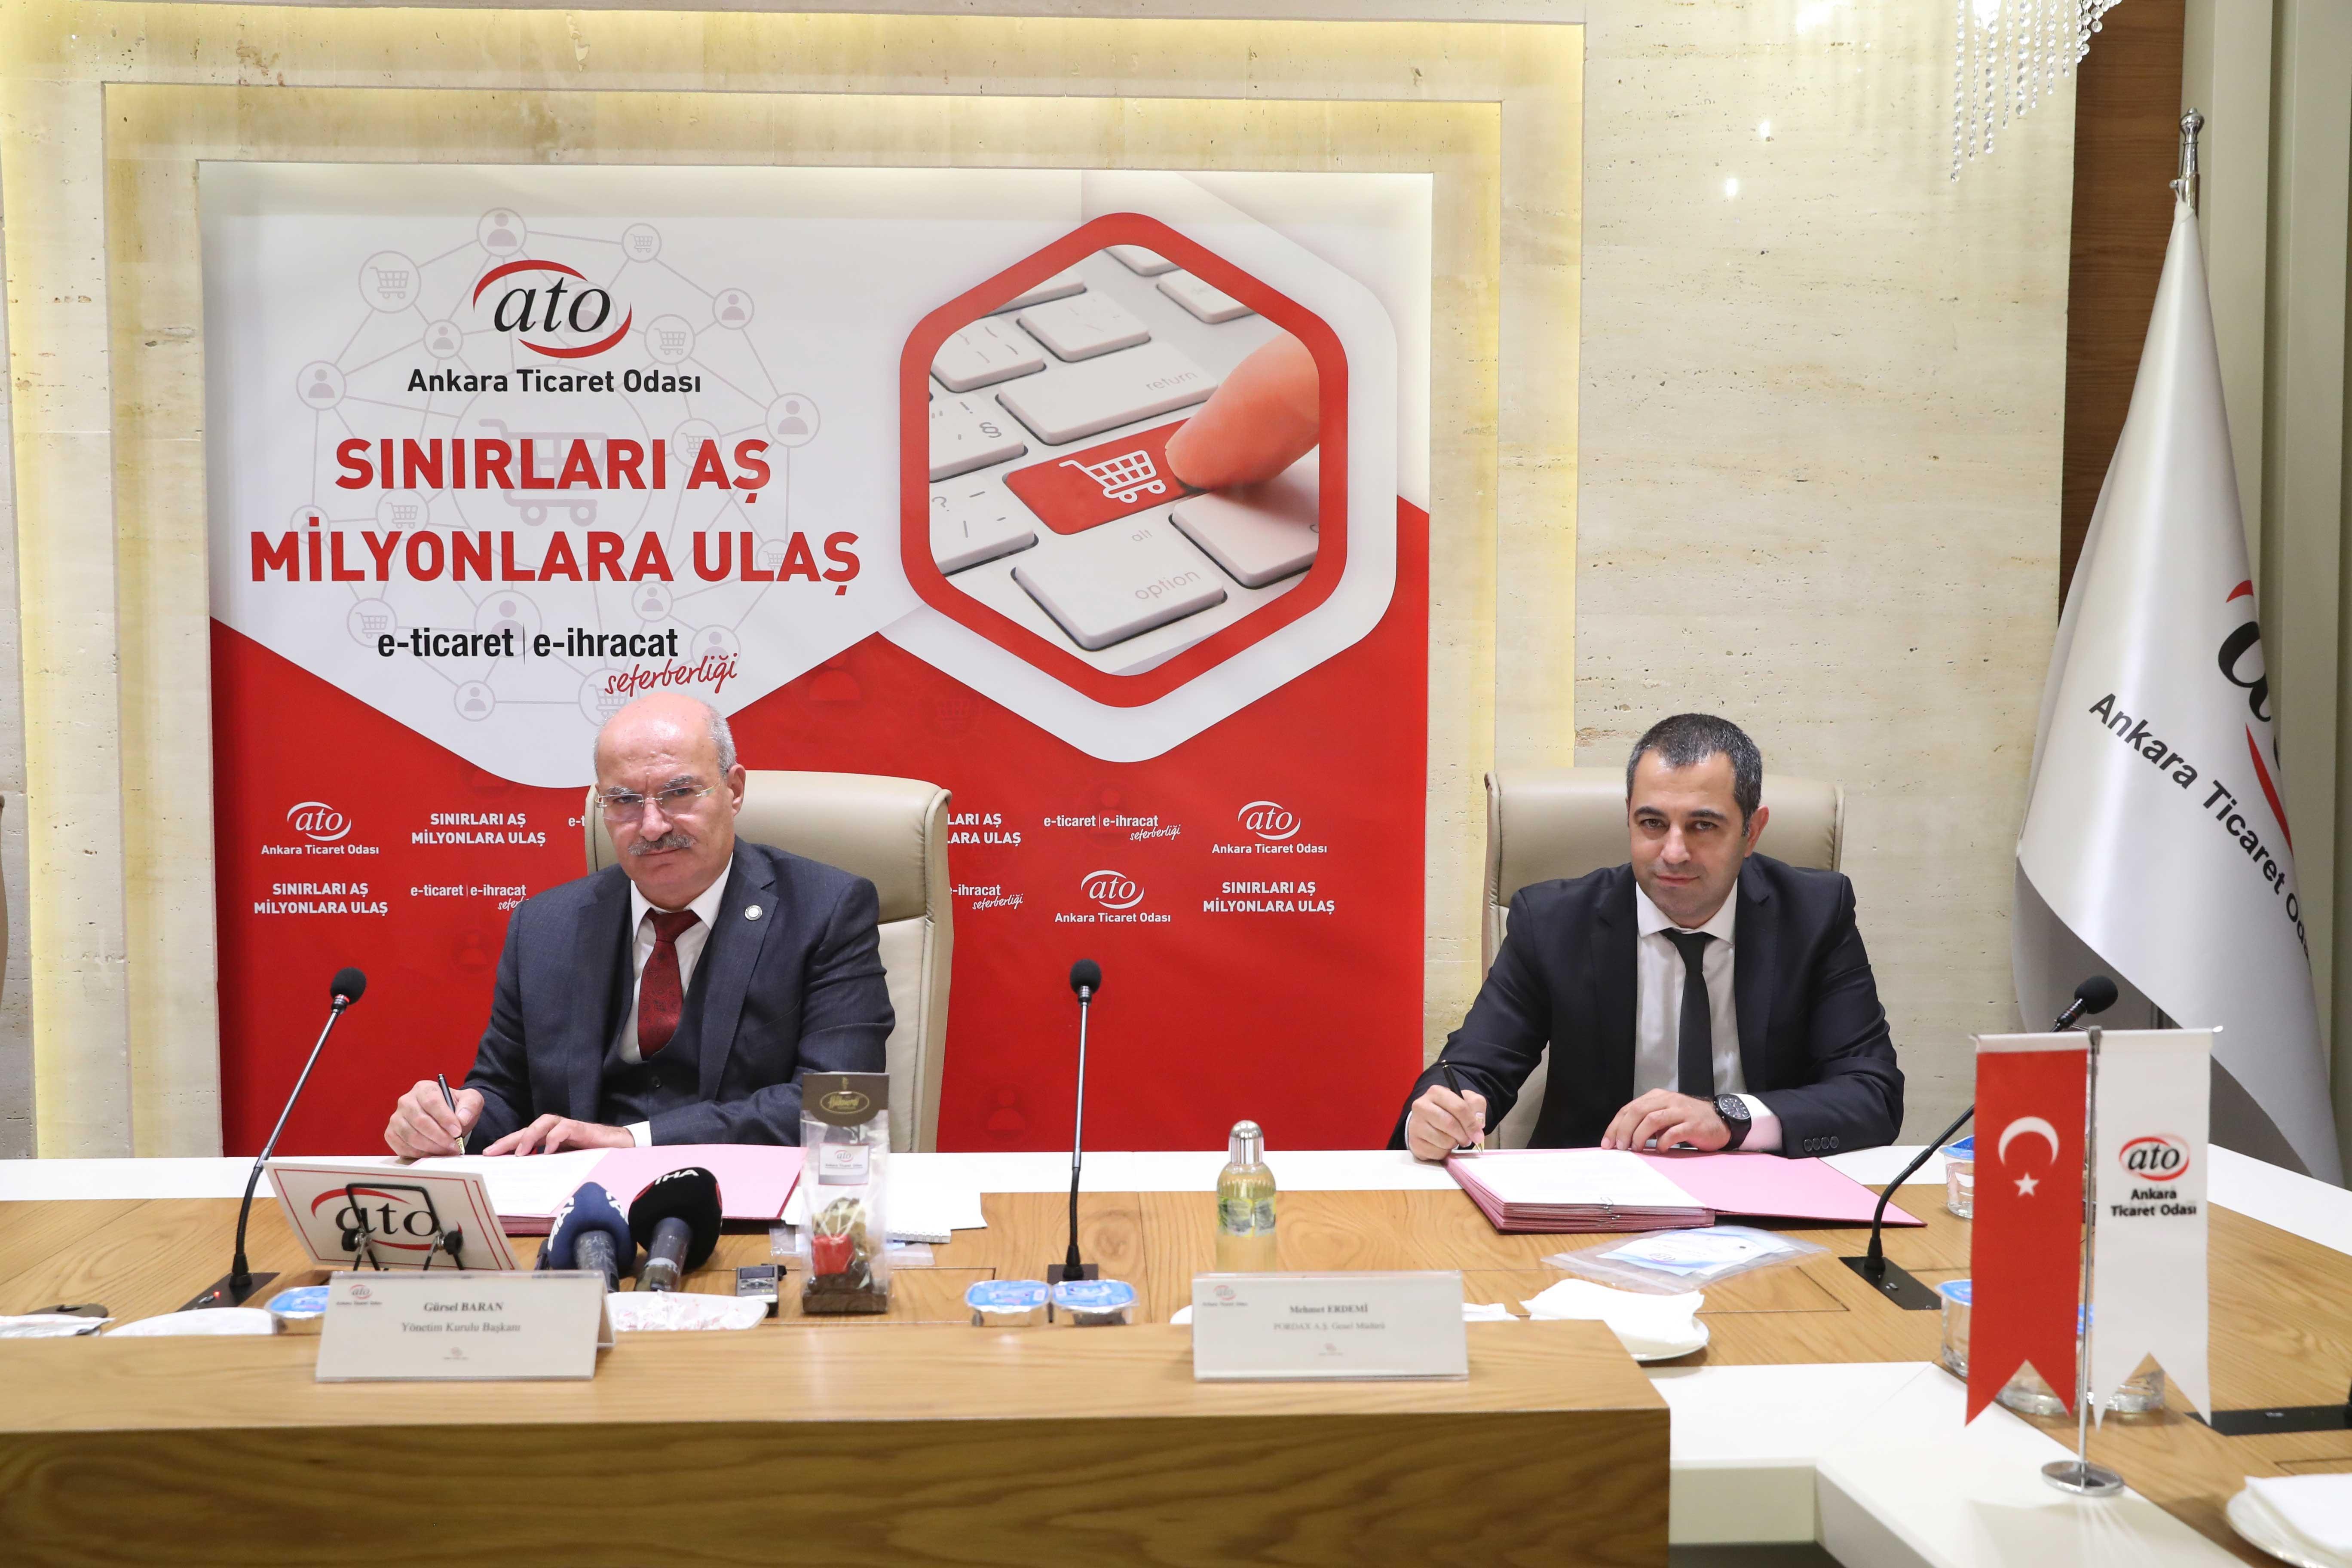 ATO'dan e-ticaret ve e-ihracat seferberliği